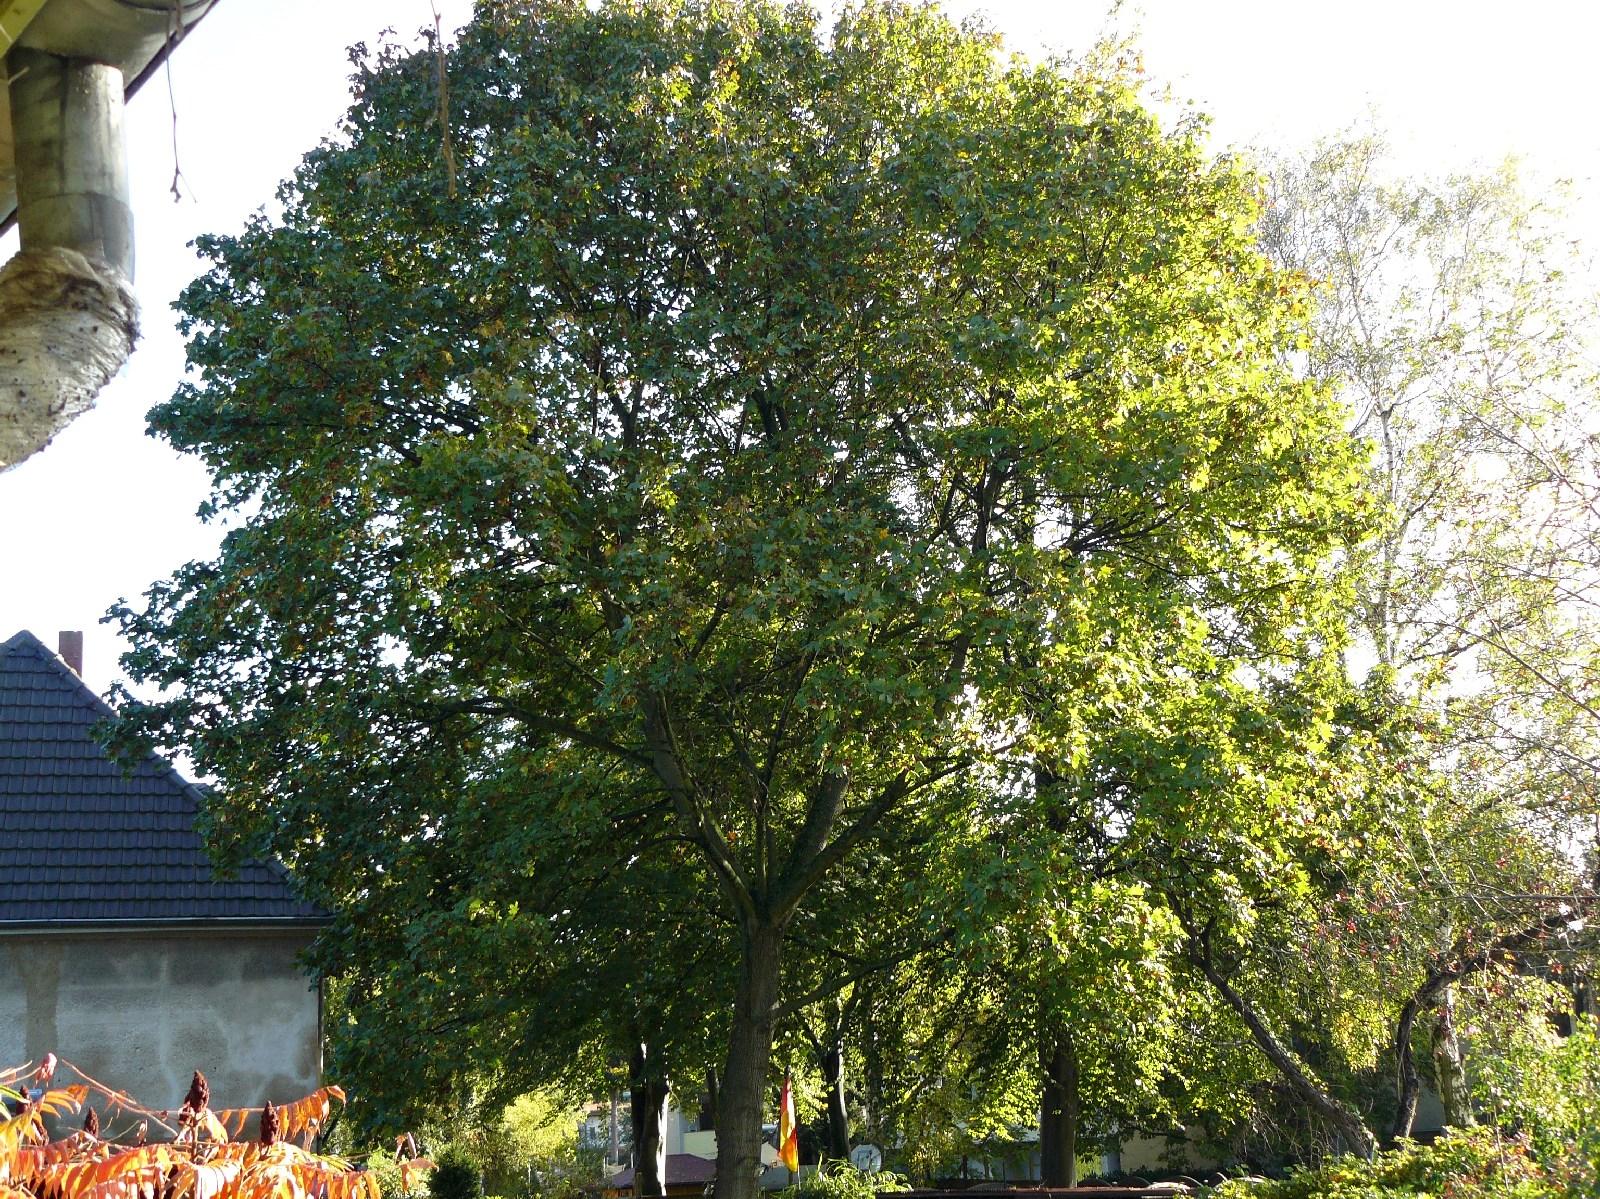 16.10.2014 Während die Ahorne in der Umgebung schon gefärbte Blätter aufweisen, hält dieser noch weitgehend seine grüne Farbe. Aber die Samen fallen nun ab.